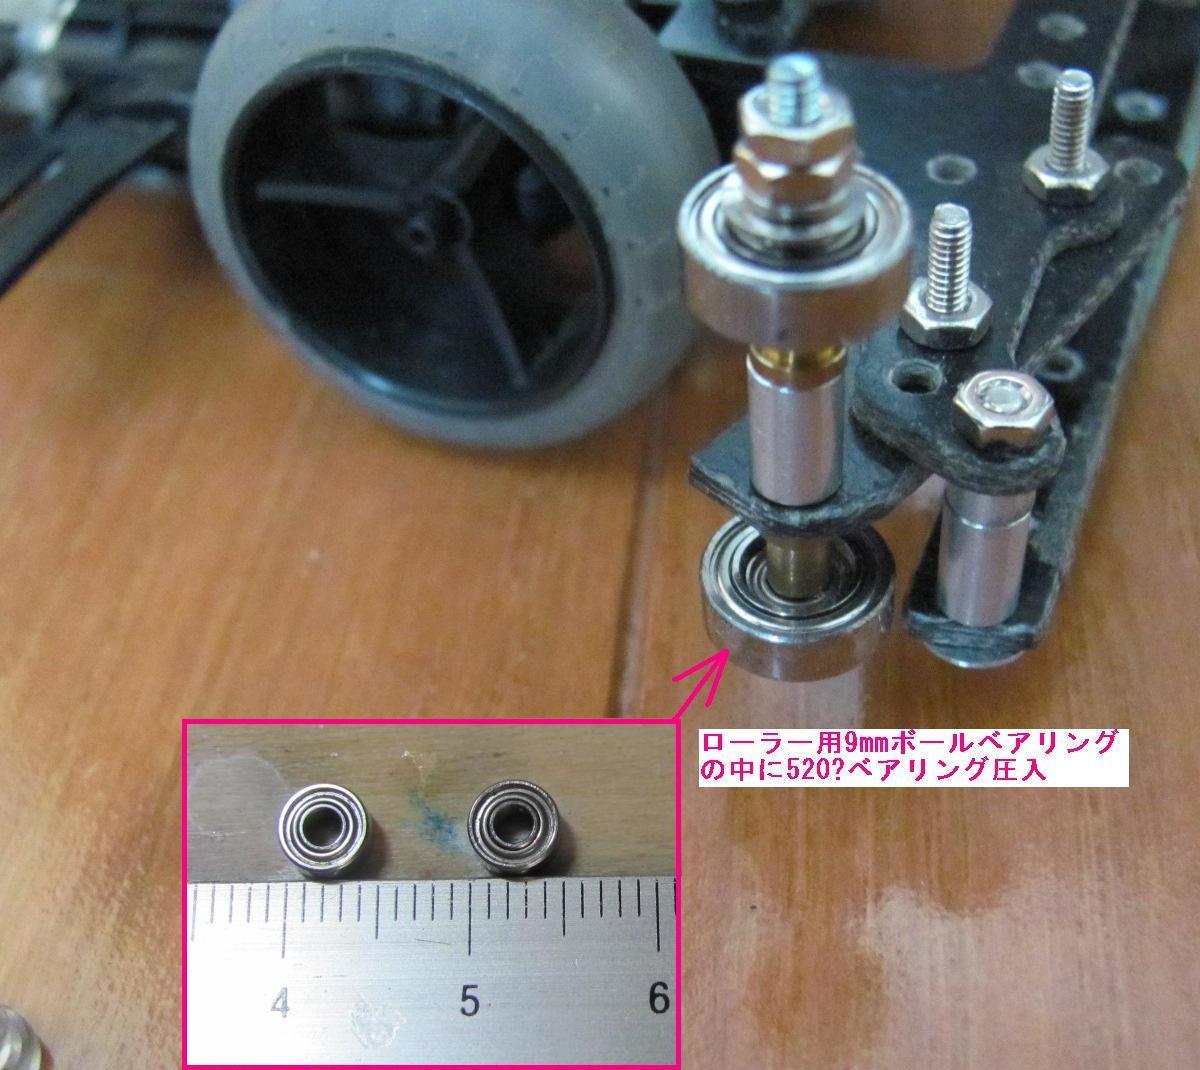 9mm ボール 用 ベアリング ローラー ダイワ 19